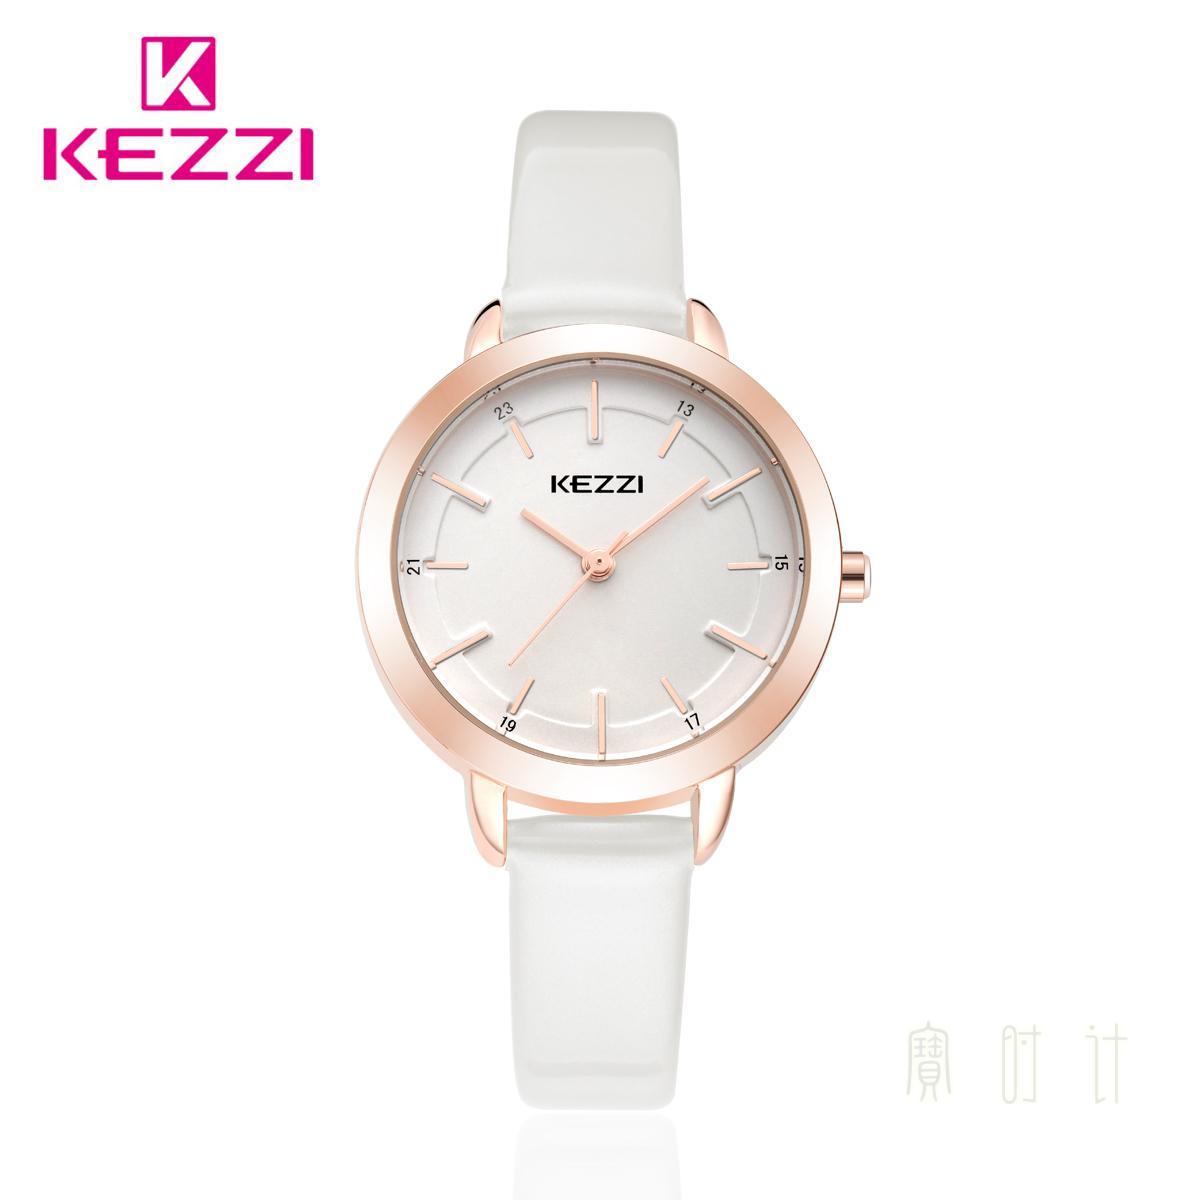 珂紫KEZZI正品牌子 韩国版潮流行时装防水石英简约休闲气质女手表